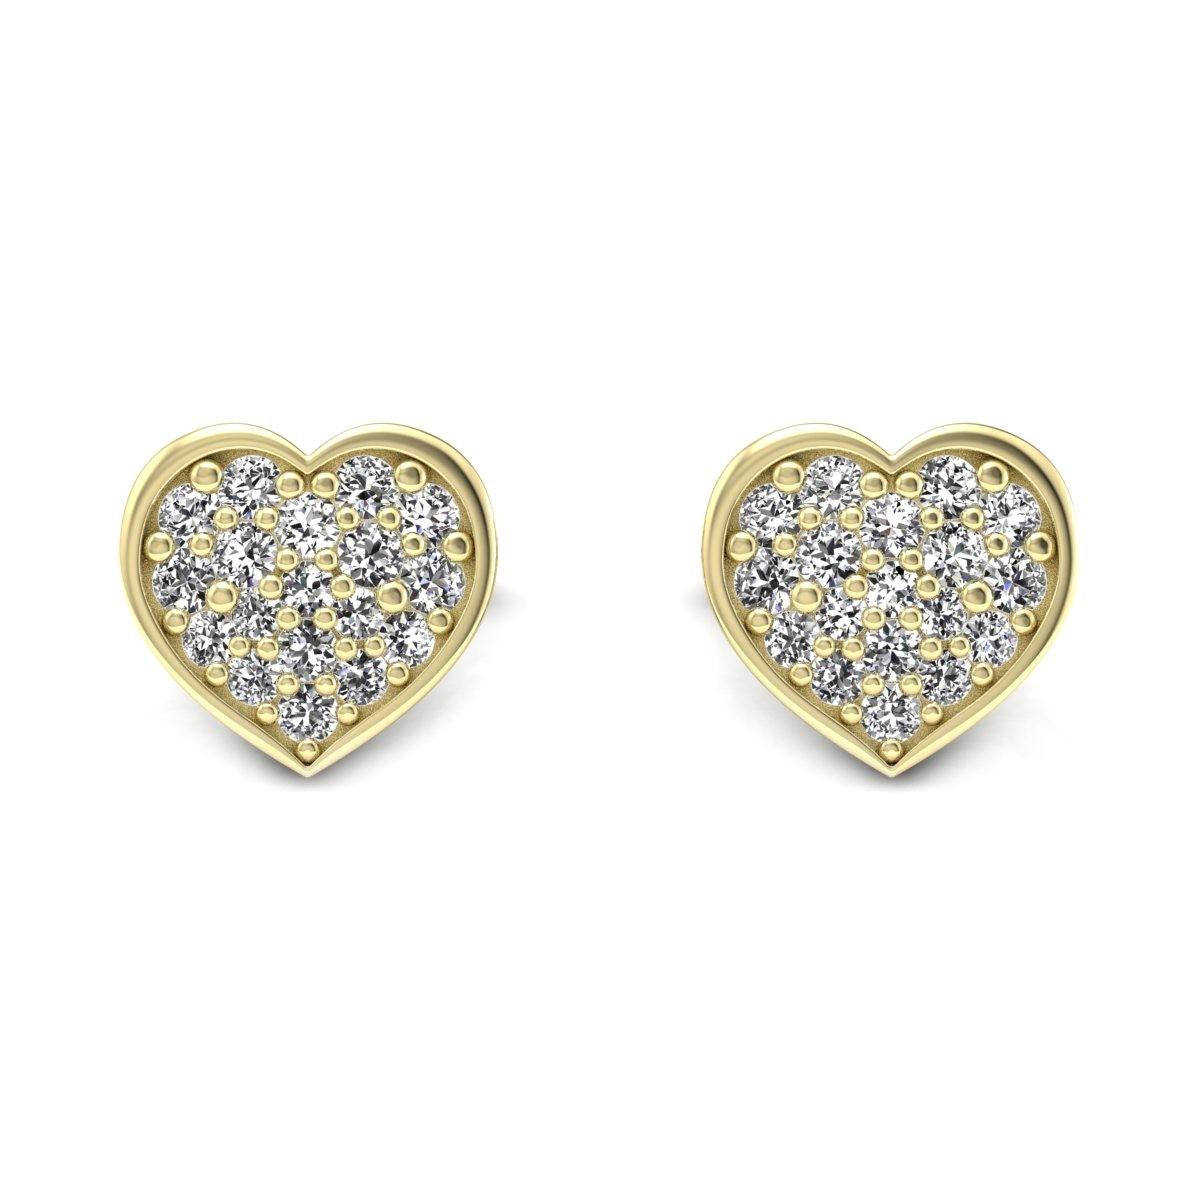 Heart - Złote kolczyki z diamentami